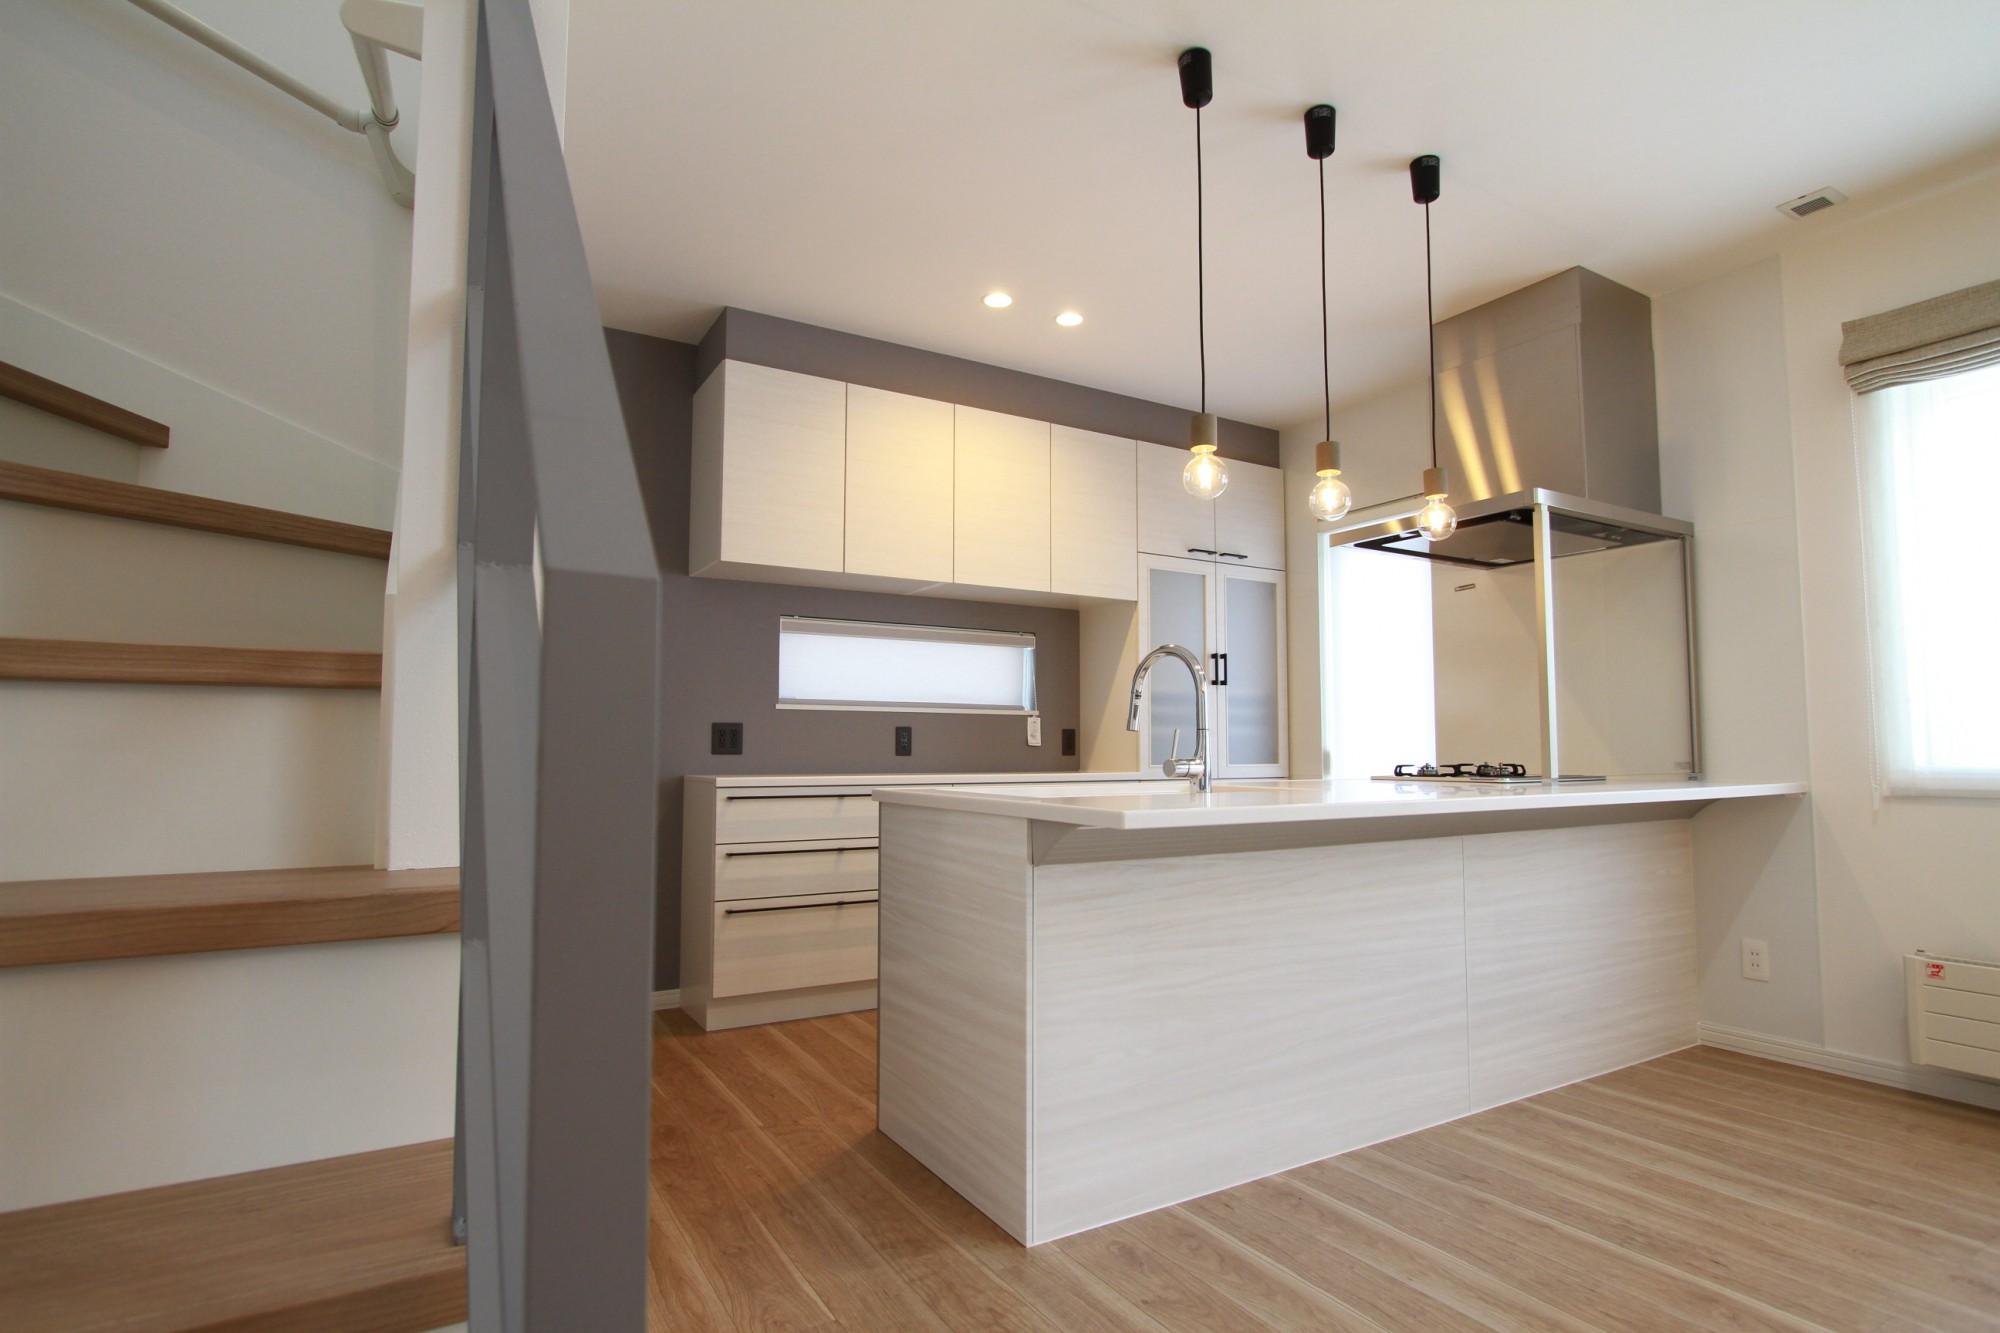 坂下ハウスの施工例 - オープンな空間と収納スペースを考えた家